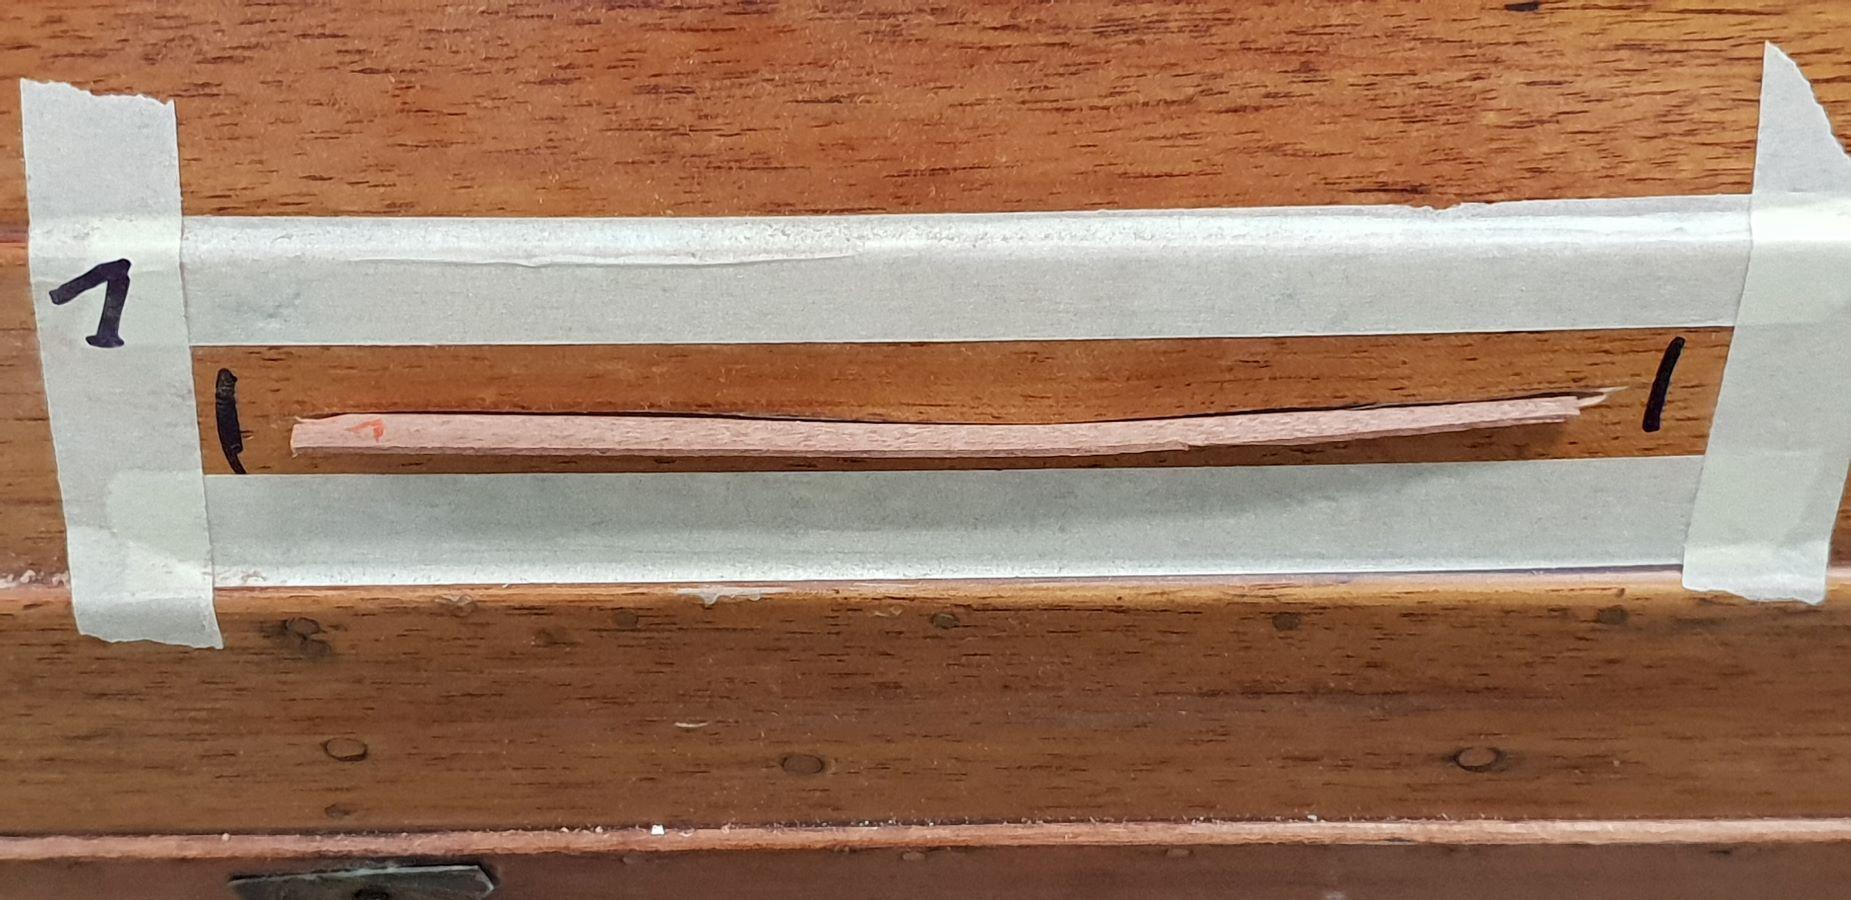 Einer von vielen Plankenrissen an einem Rudeboot